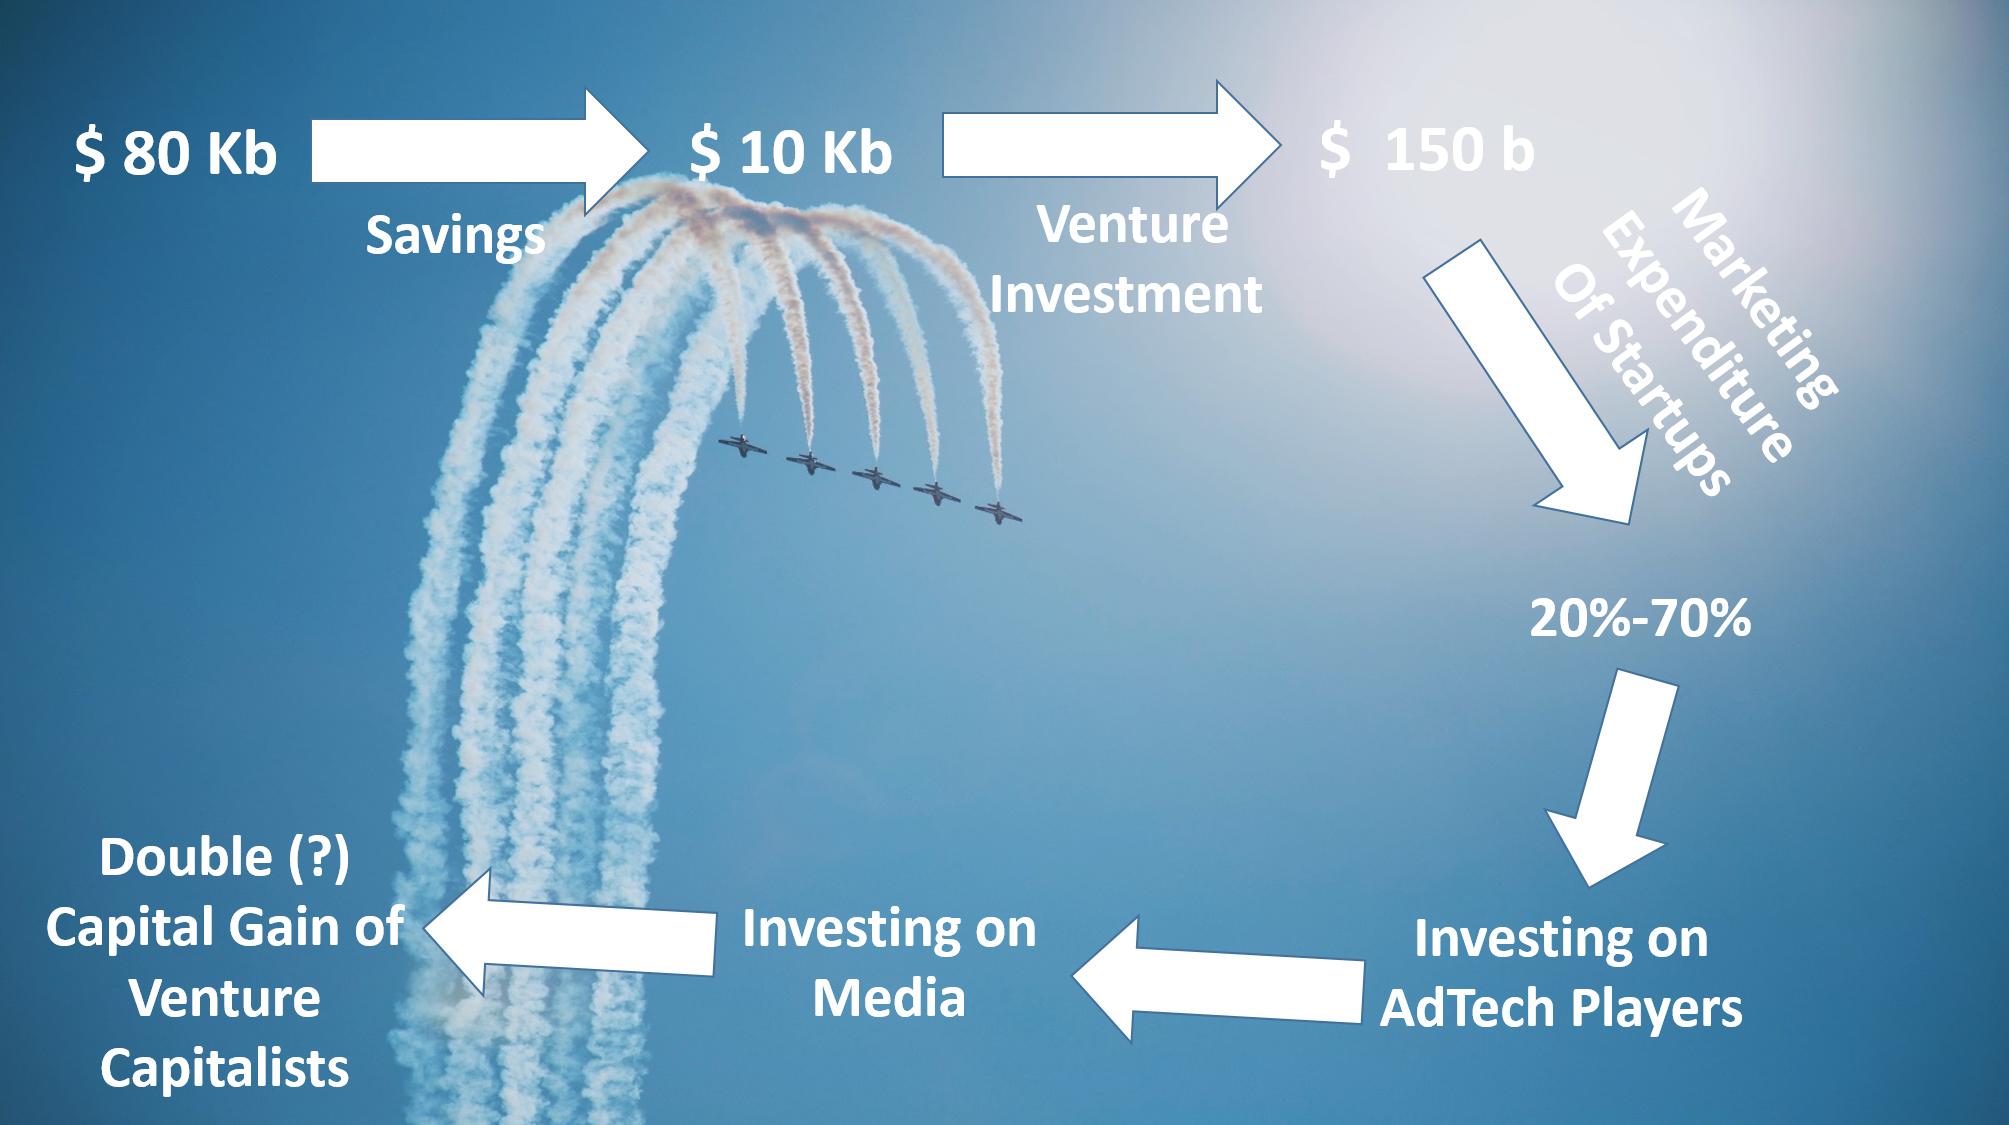 اقیانوس آبی Ad-tech: فرصتهای بازاریابی دیجیتال در دنیای استارتاپی